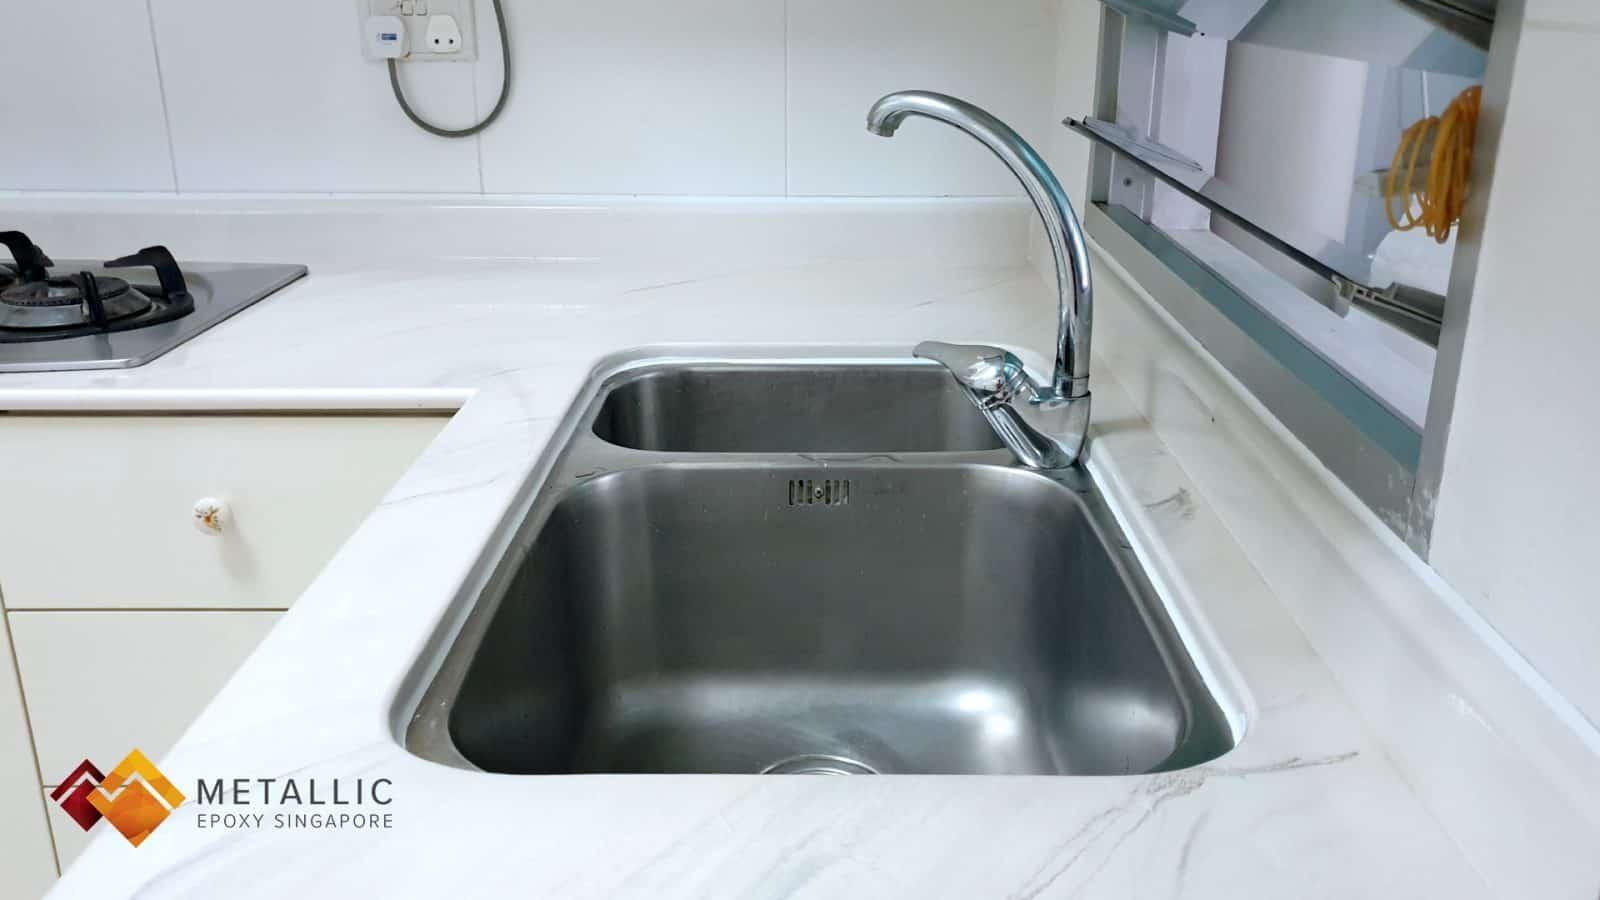 metallic epoxy singapore brown black marble kitchen countertop